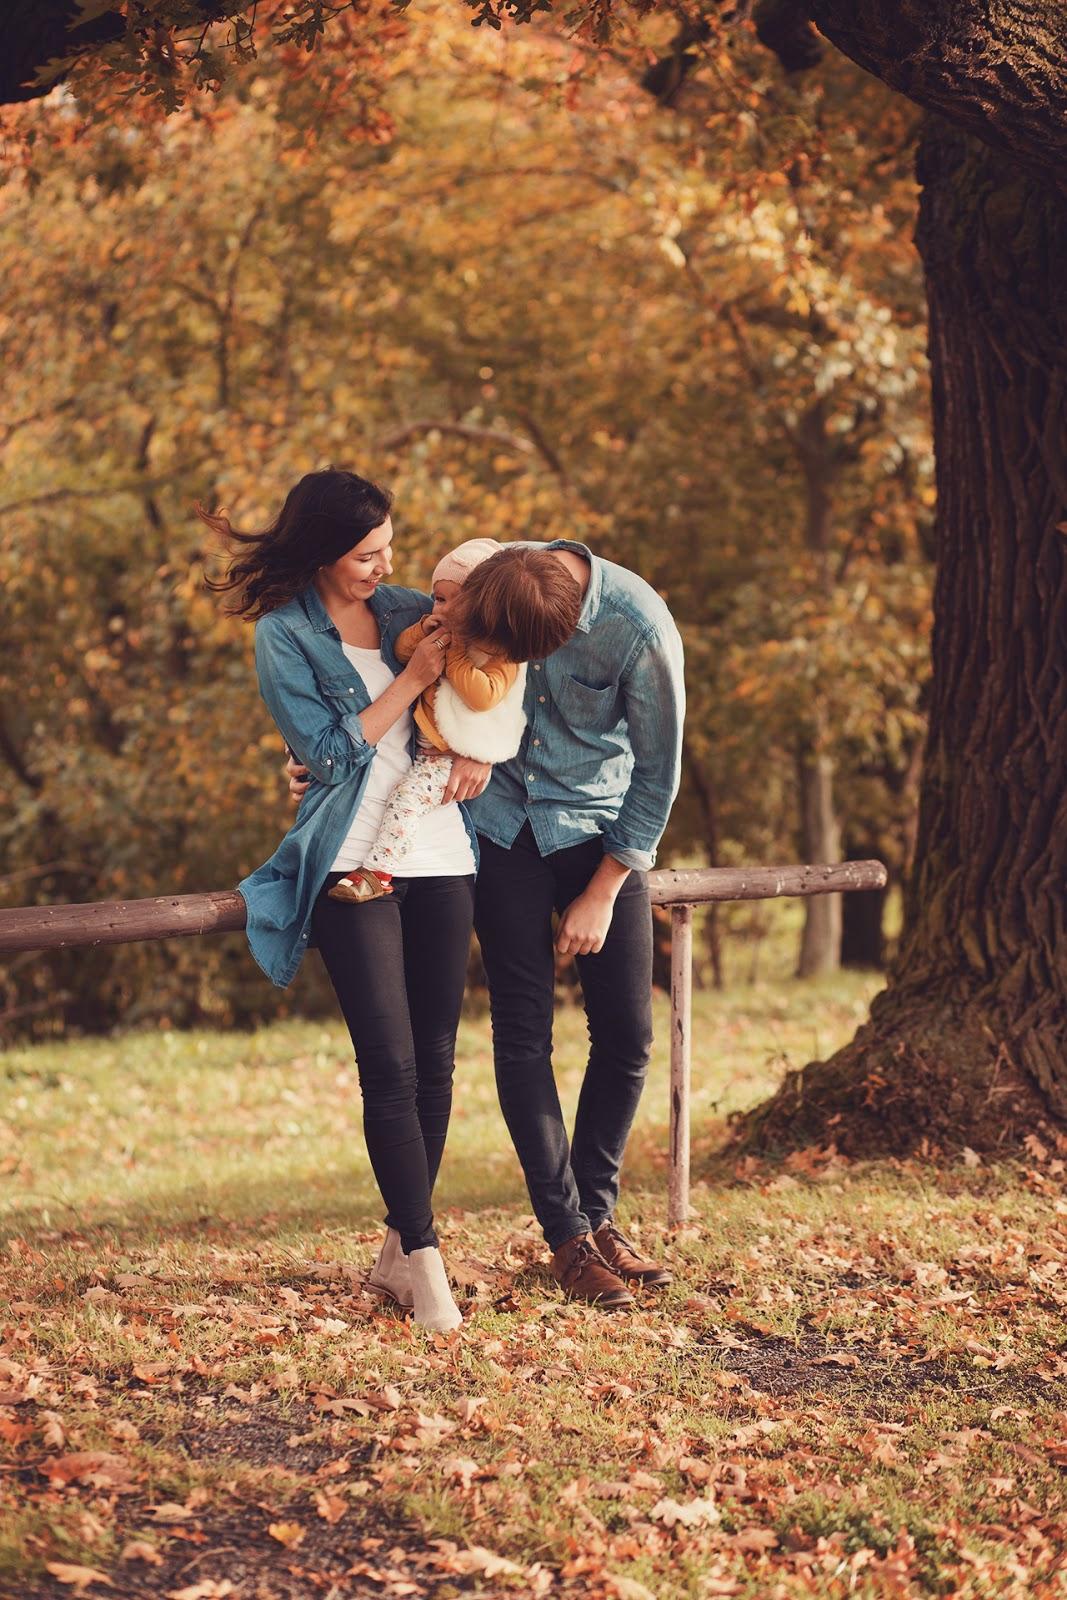 Sie sucht ihn seitenstetten markt - Trumau dating service